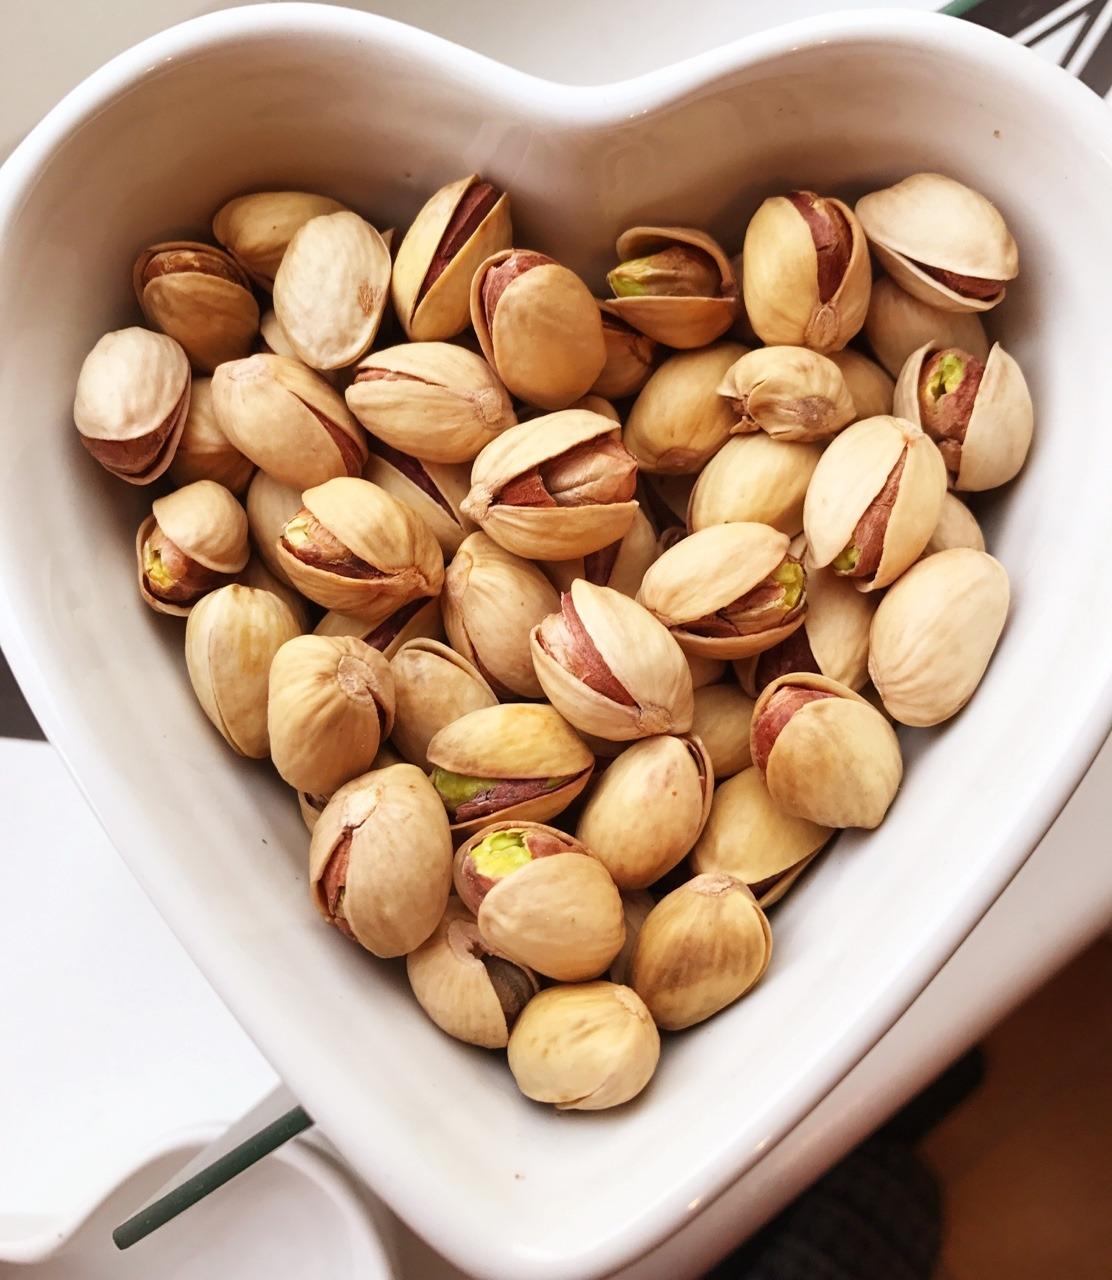 У адептов правильного питания два основных аргумента против регулярного употребления орехов: дескать